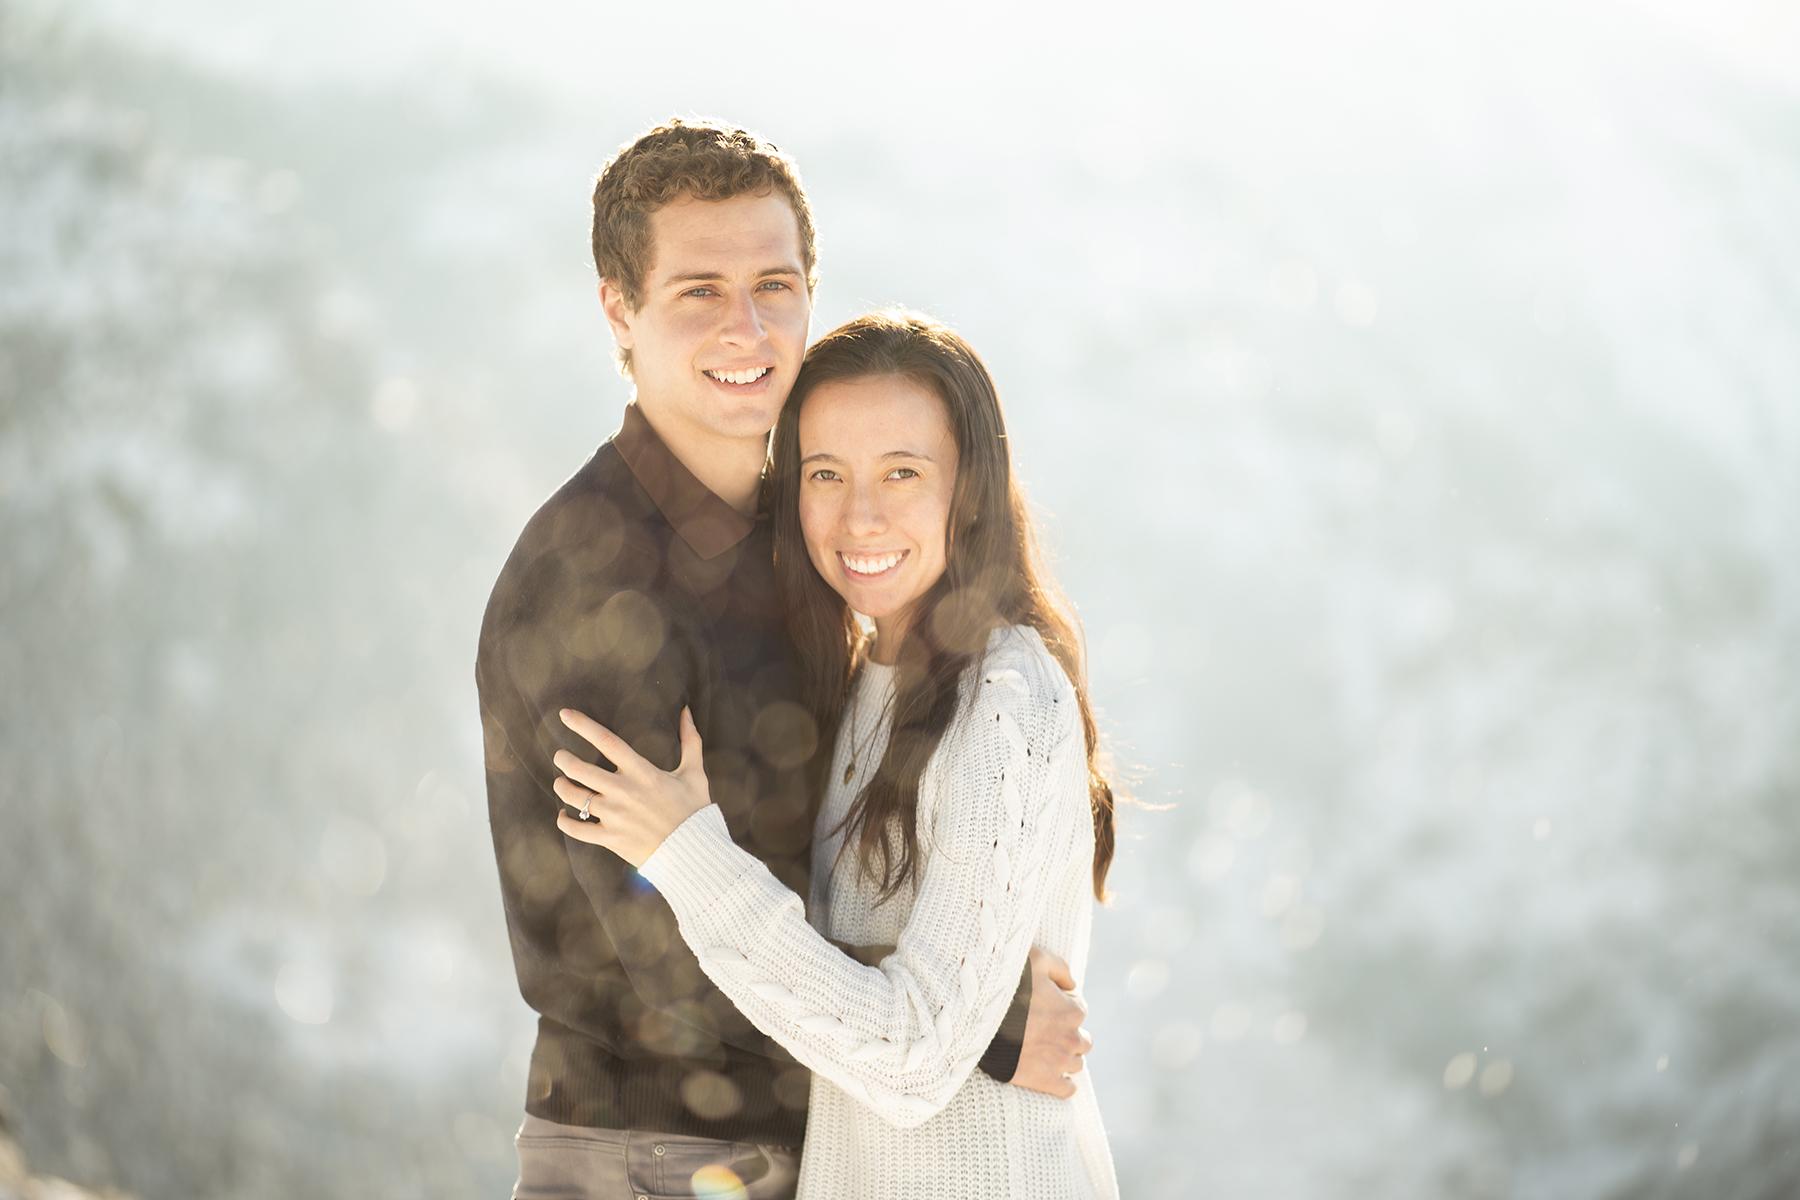 Jake-and-Jacqueline-28.jpg